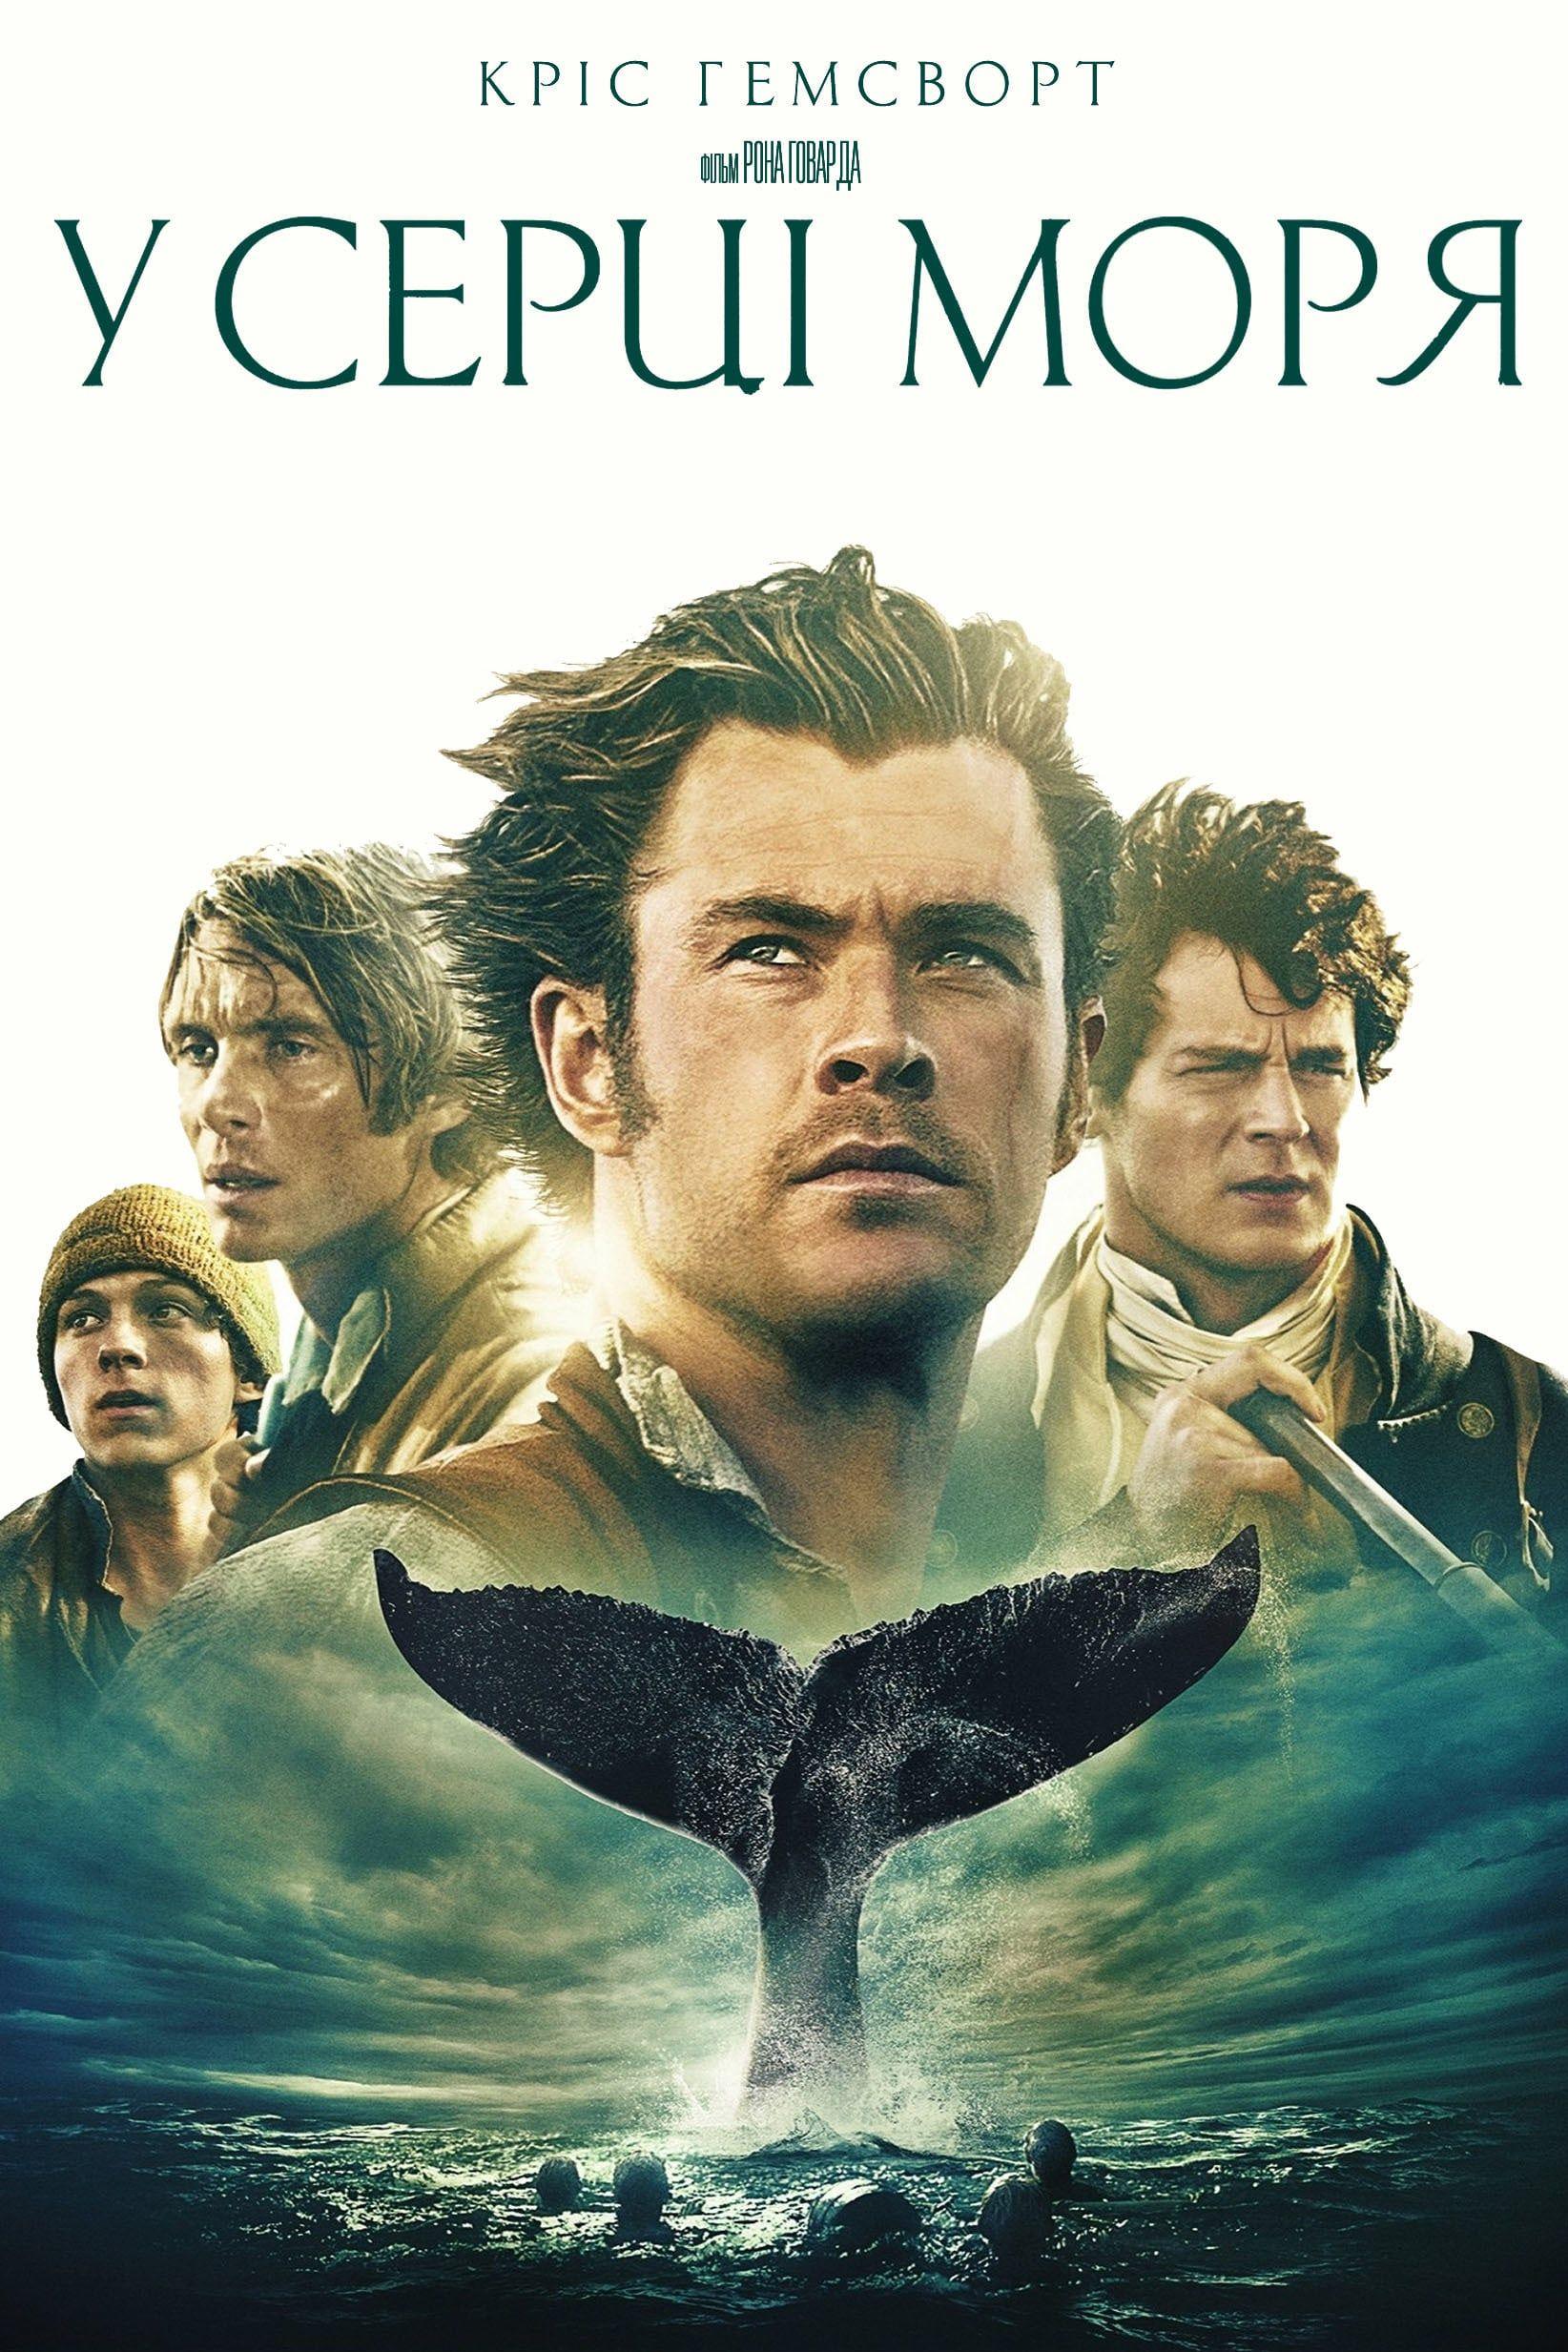 In The Heart Of The Sea P E L I C U L A Completa 2015 En Espanol Latino Intheheartofthesea Movie Fullmovie Chris Hemsworth The Sea Movie Survival Movie